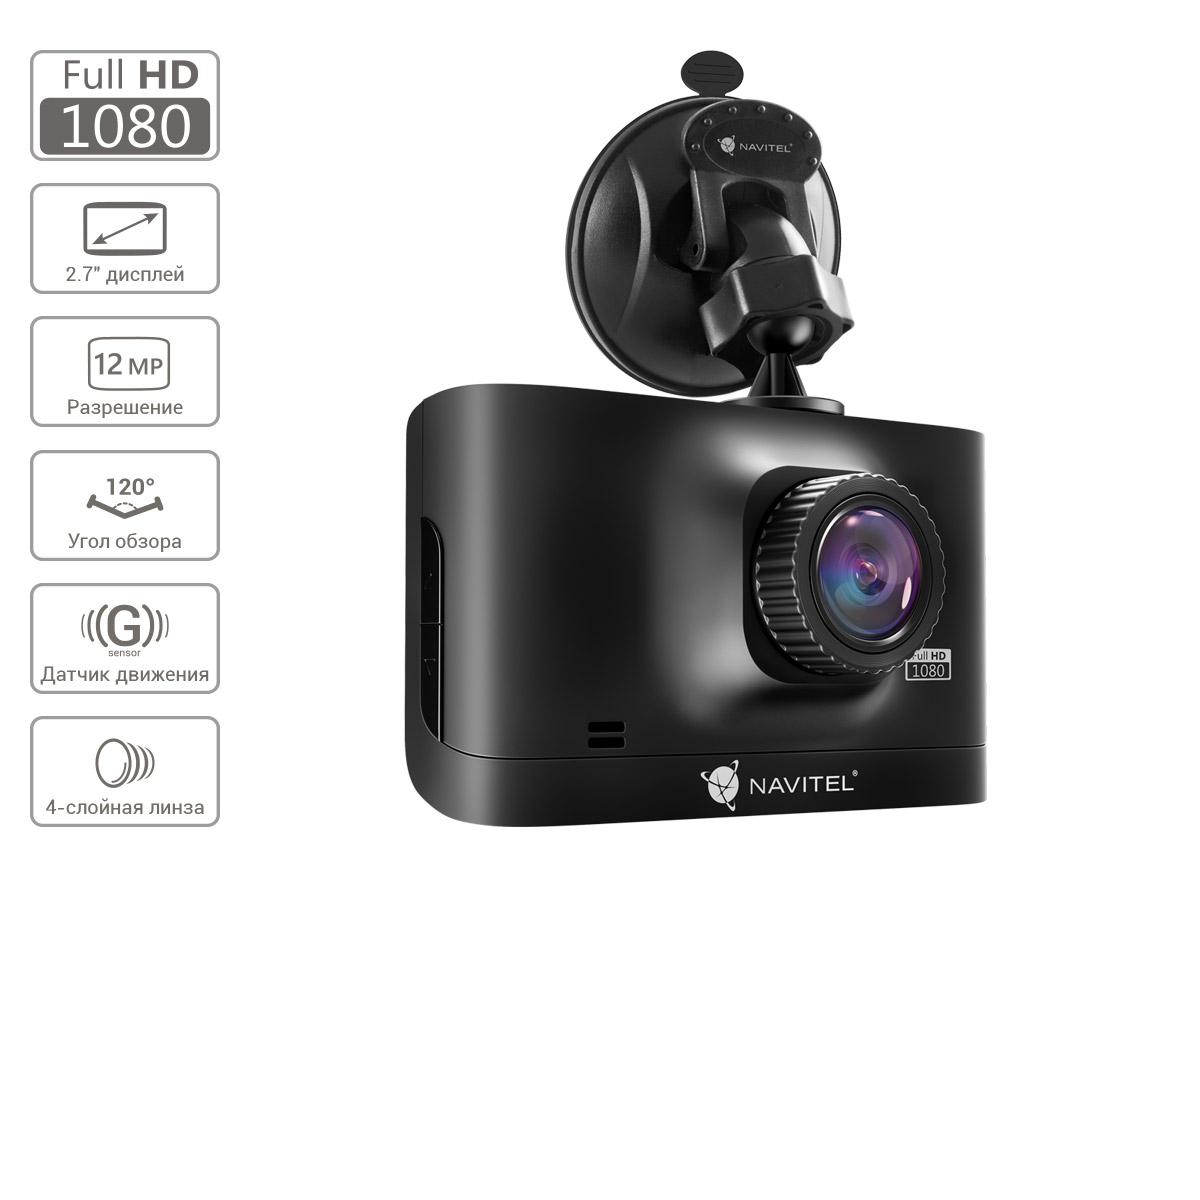 Интернет магазин видеорегистраторы алматы отзывы о видеорегистраторе vd-7000w